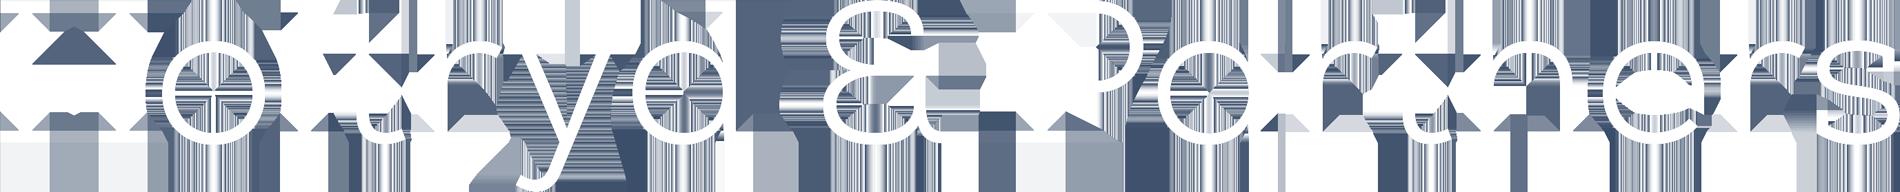 Holtryd & Partners logo